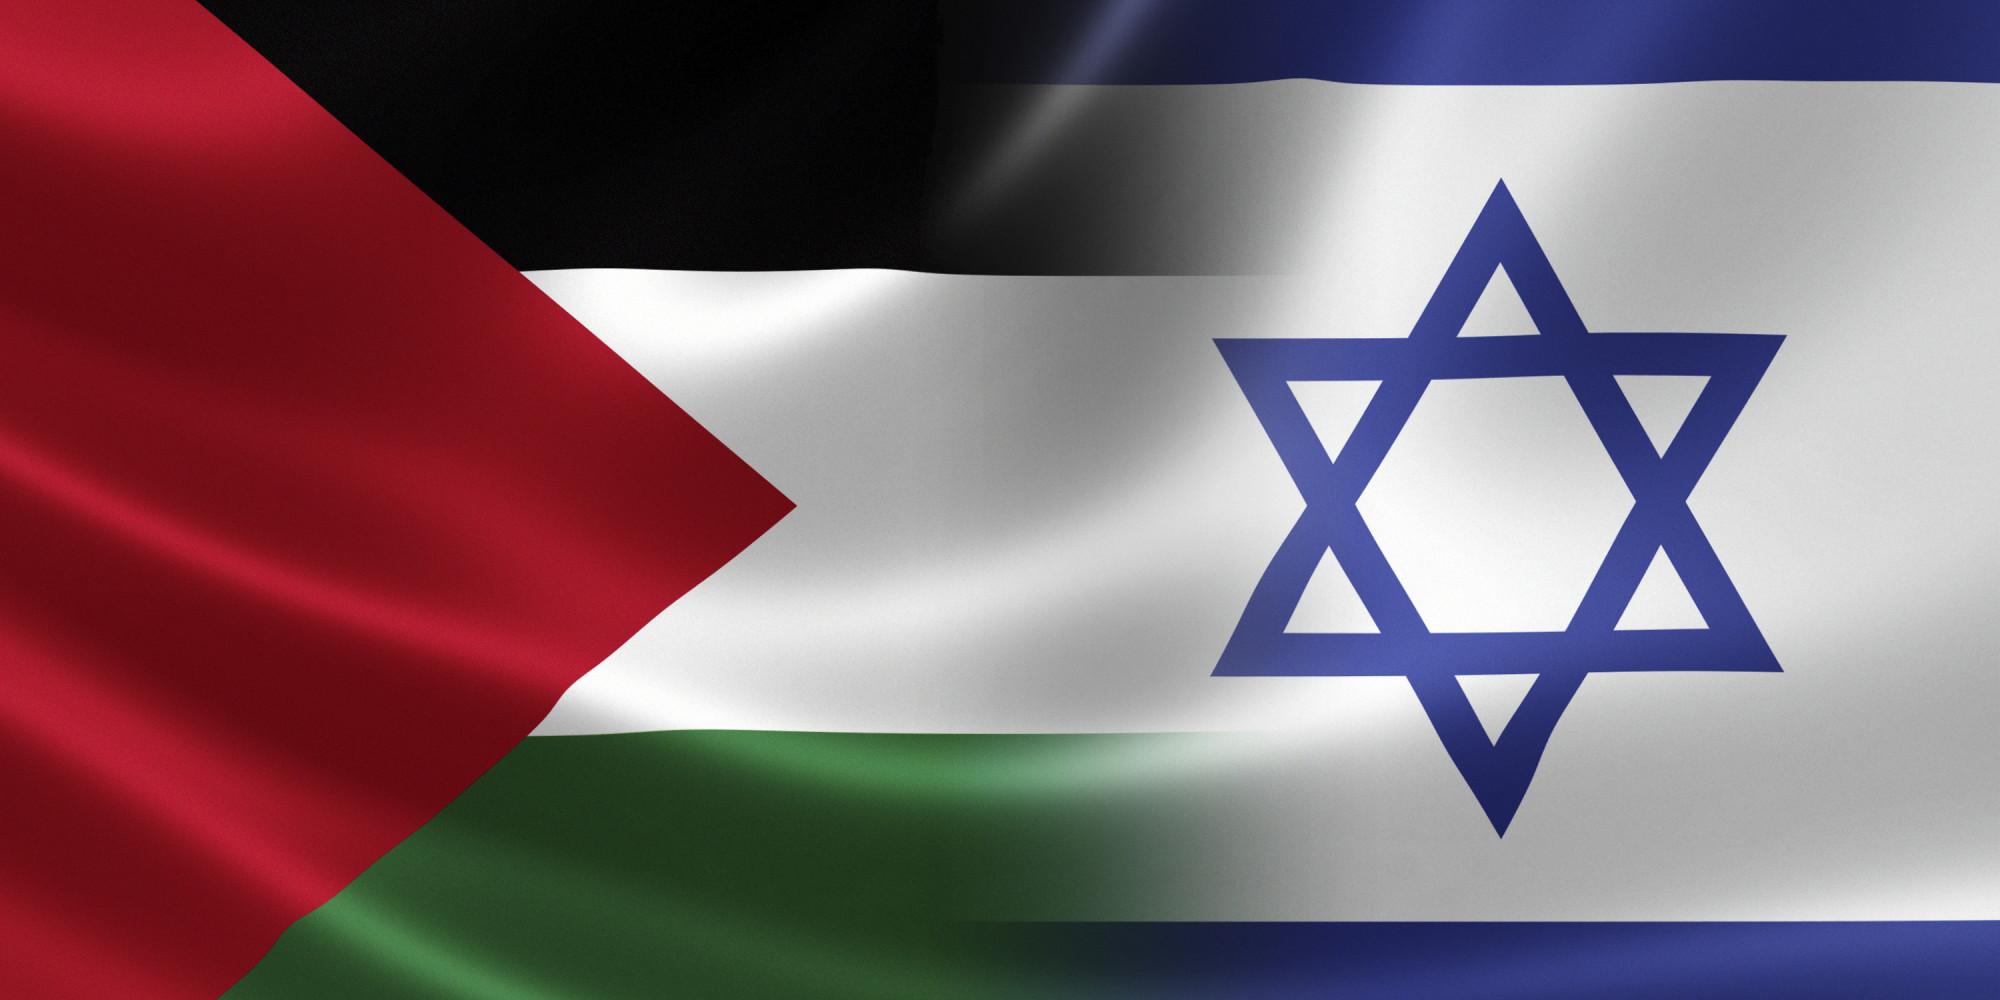 עזה-איינוואוינערס שיקן שלום-טויבן צו מדינת ישראל